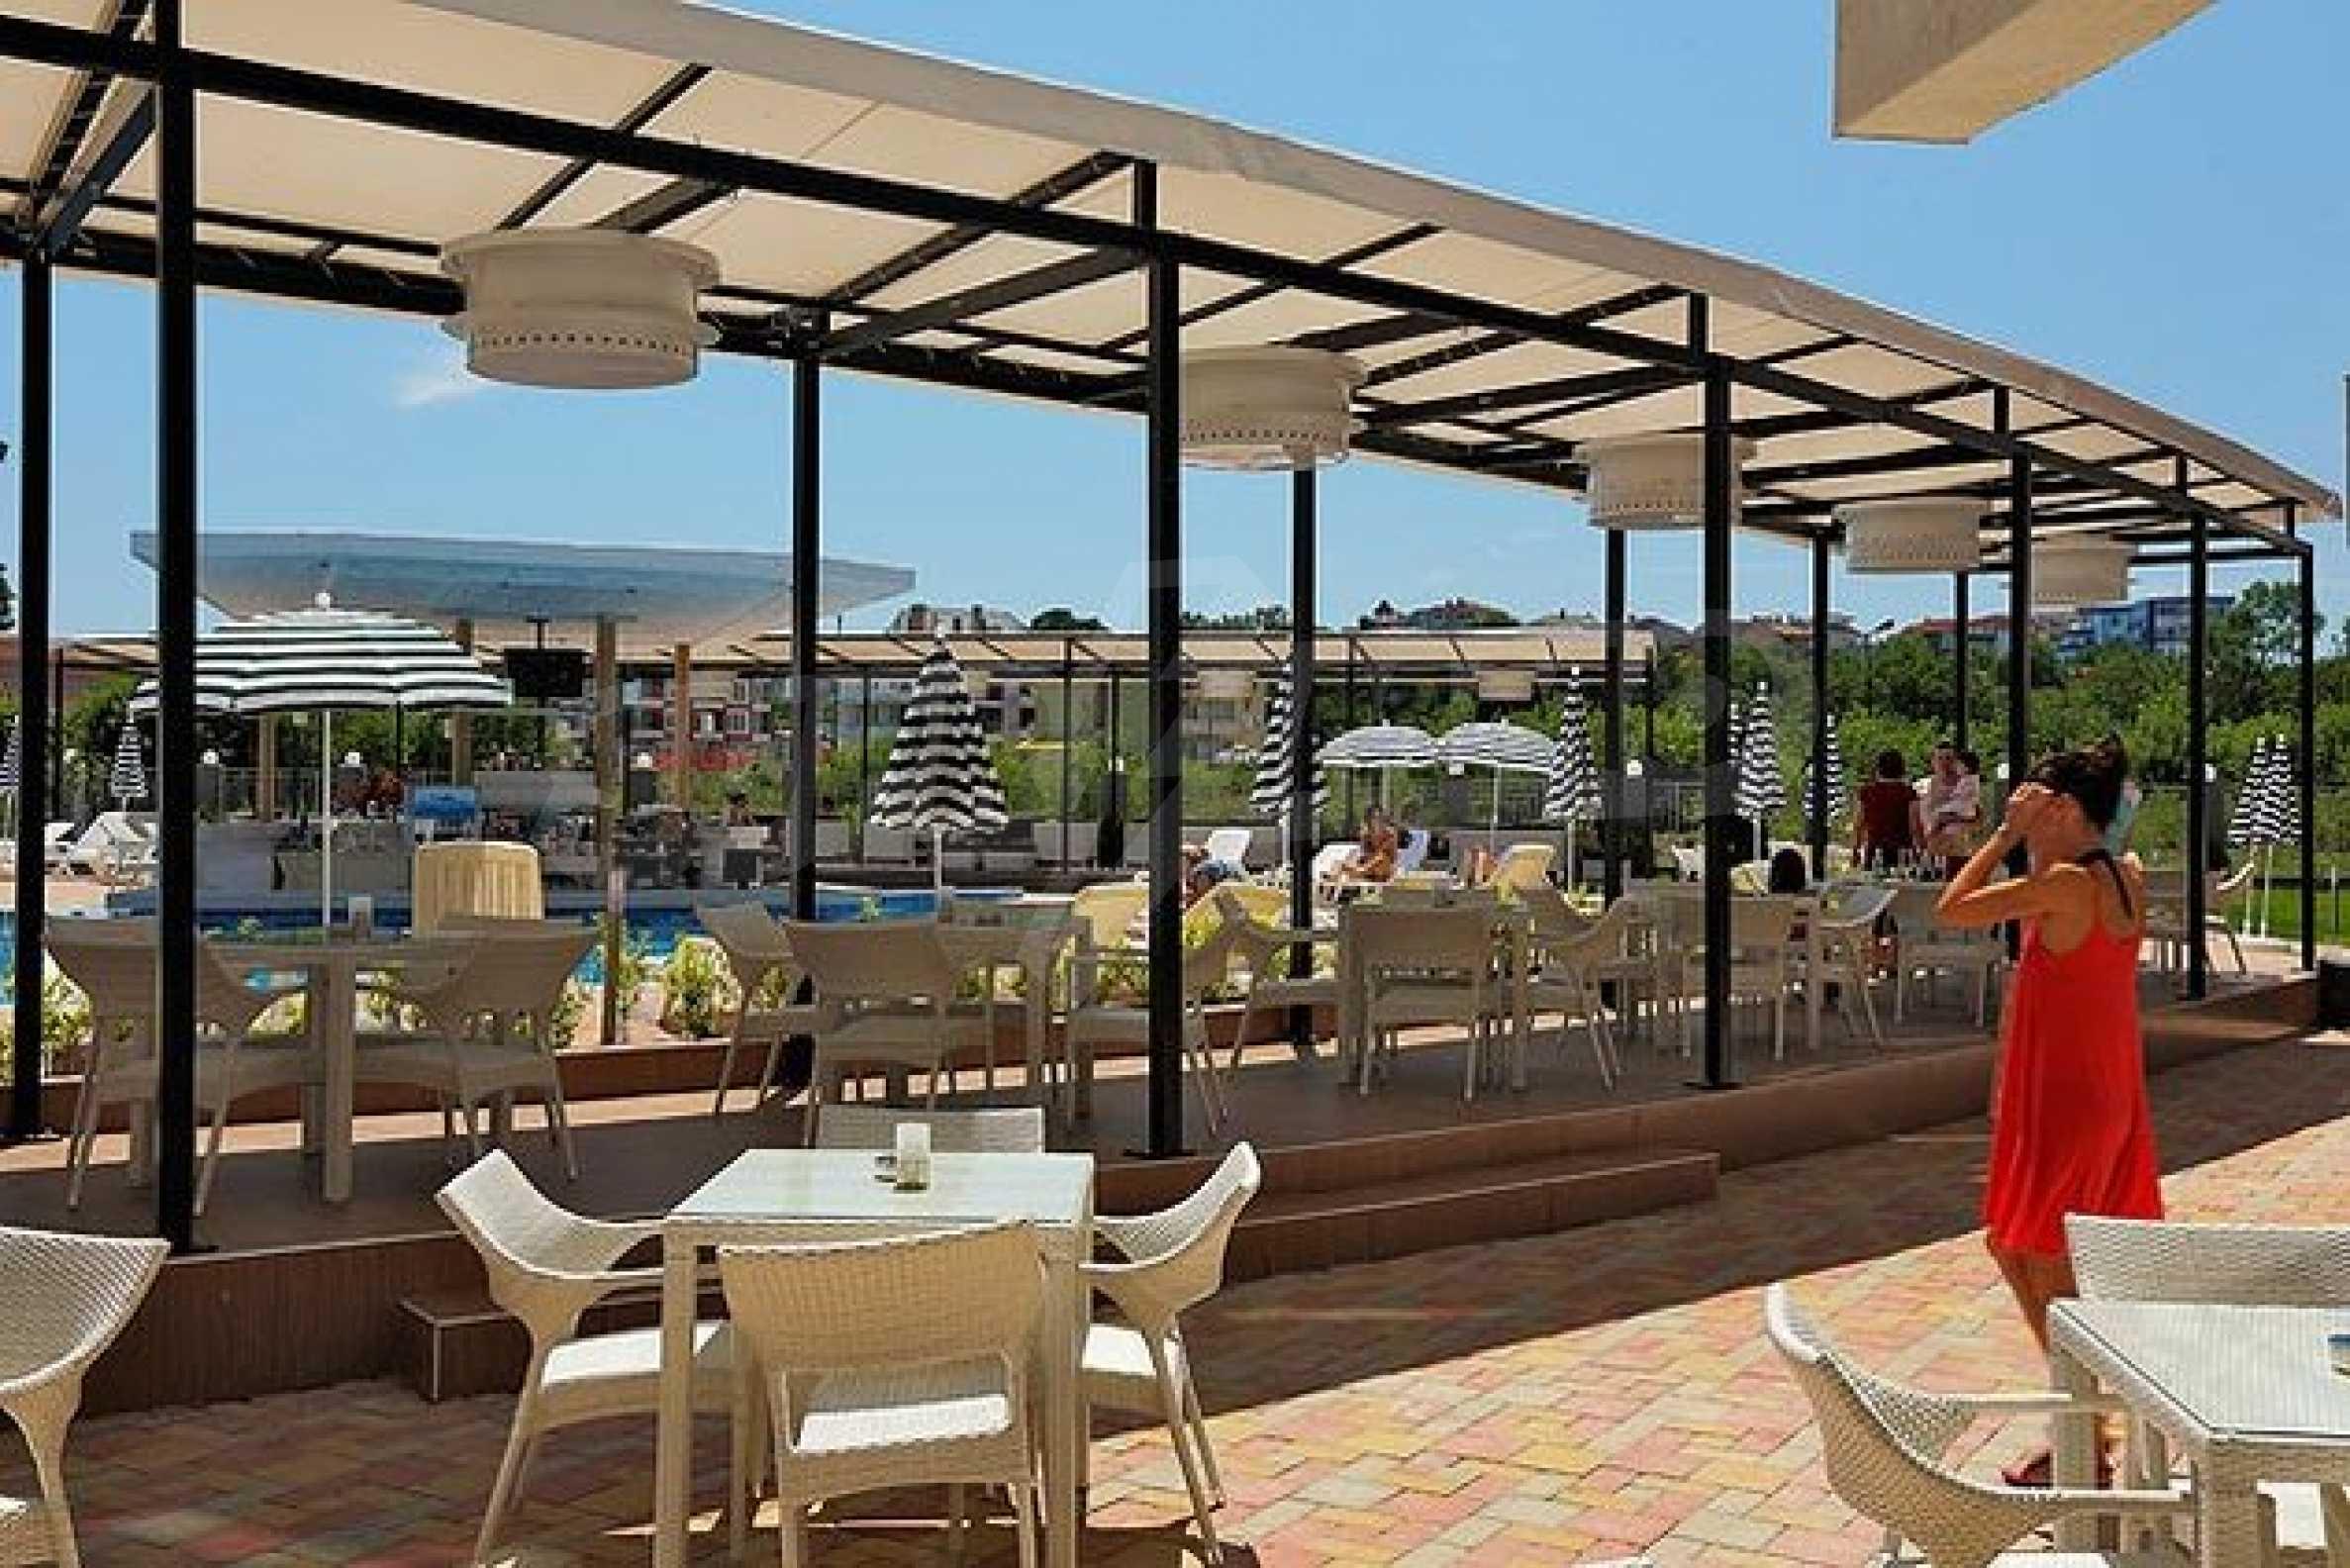 Einrichtung mit Restaurant, Bar und Pool-Bar im Meer-Kurort Lozenets 18